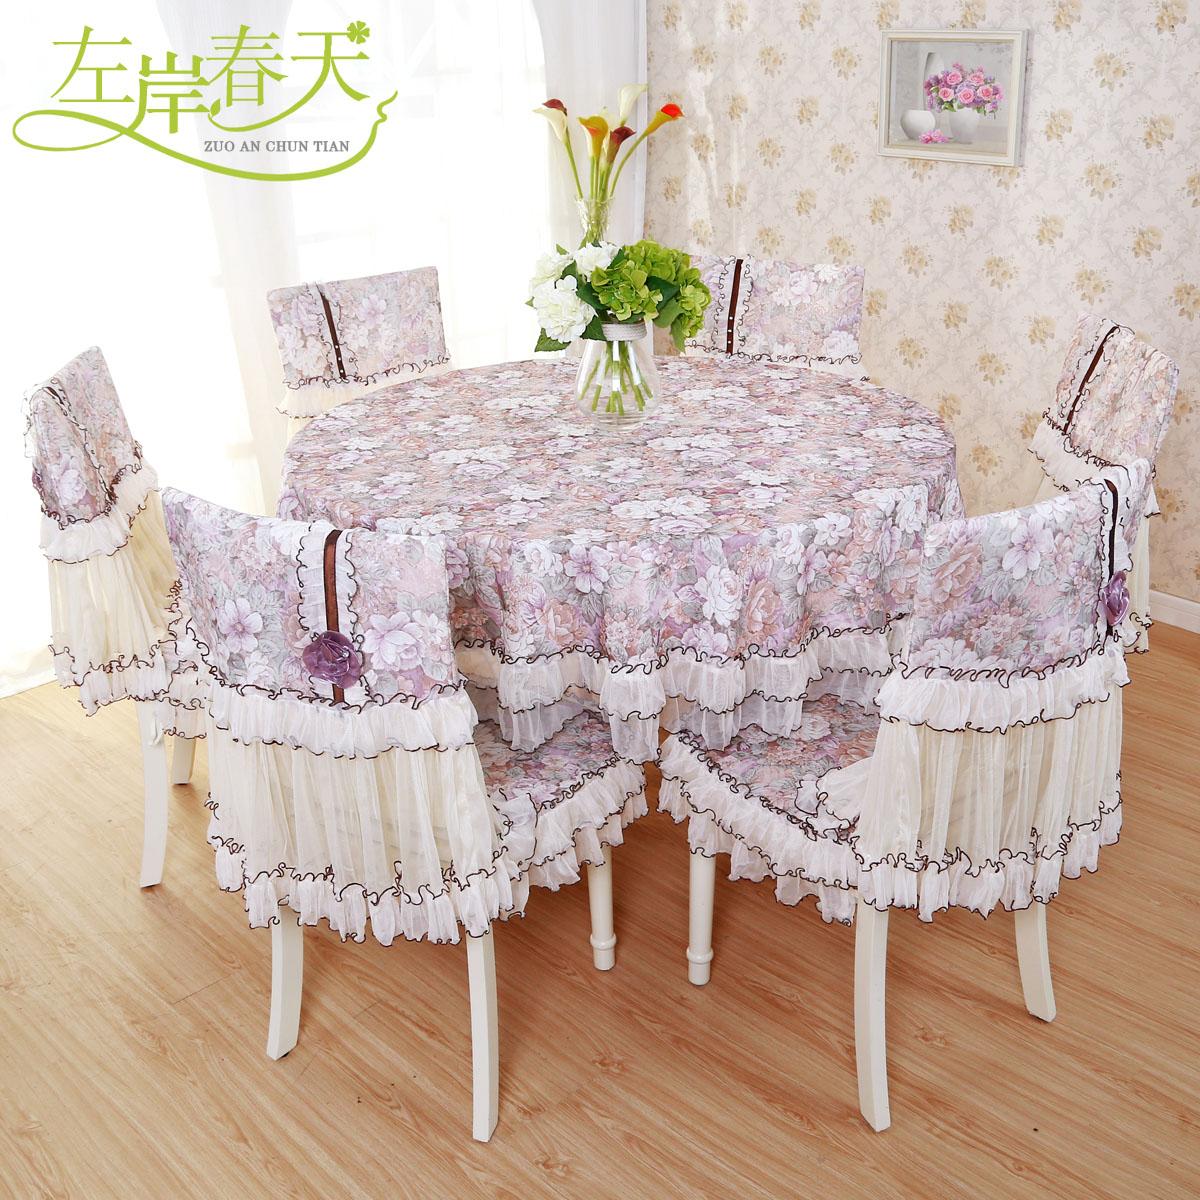 餐桌布椅套椅墊套裝大圓桌桌布布藝圓形客廳餐桌椅套餐椅套園桌布